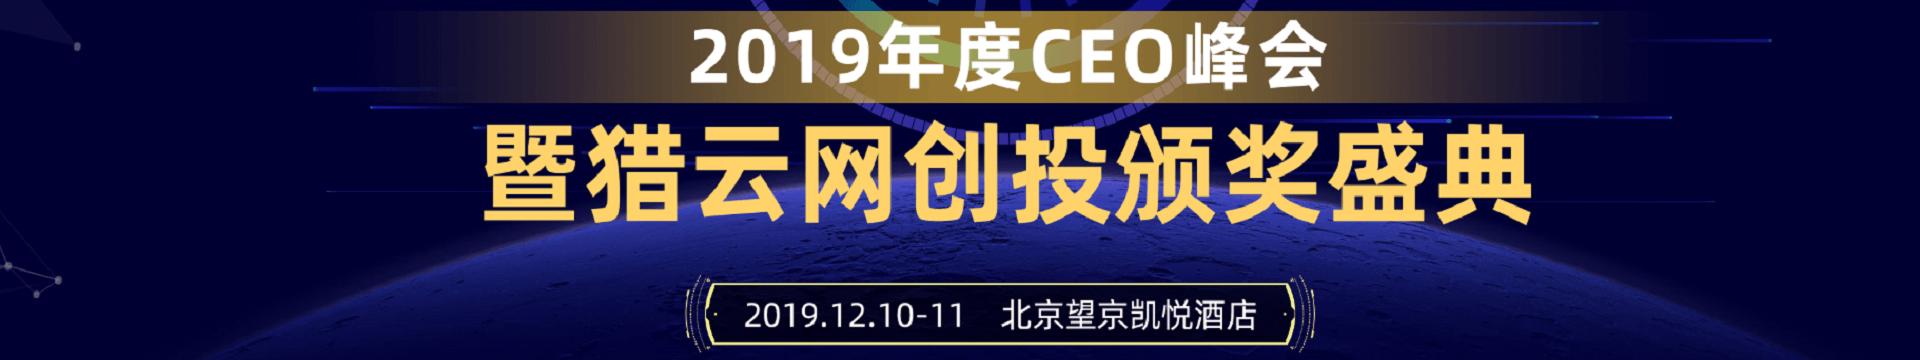 NFS2019年度CEO峰会暨猎云网创投颁奖盛典